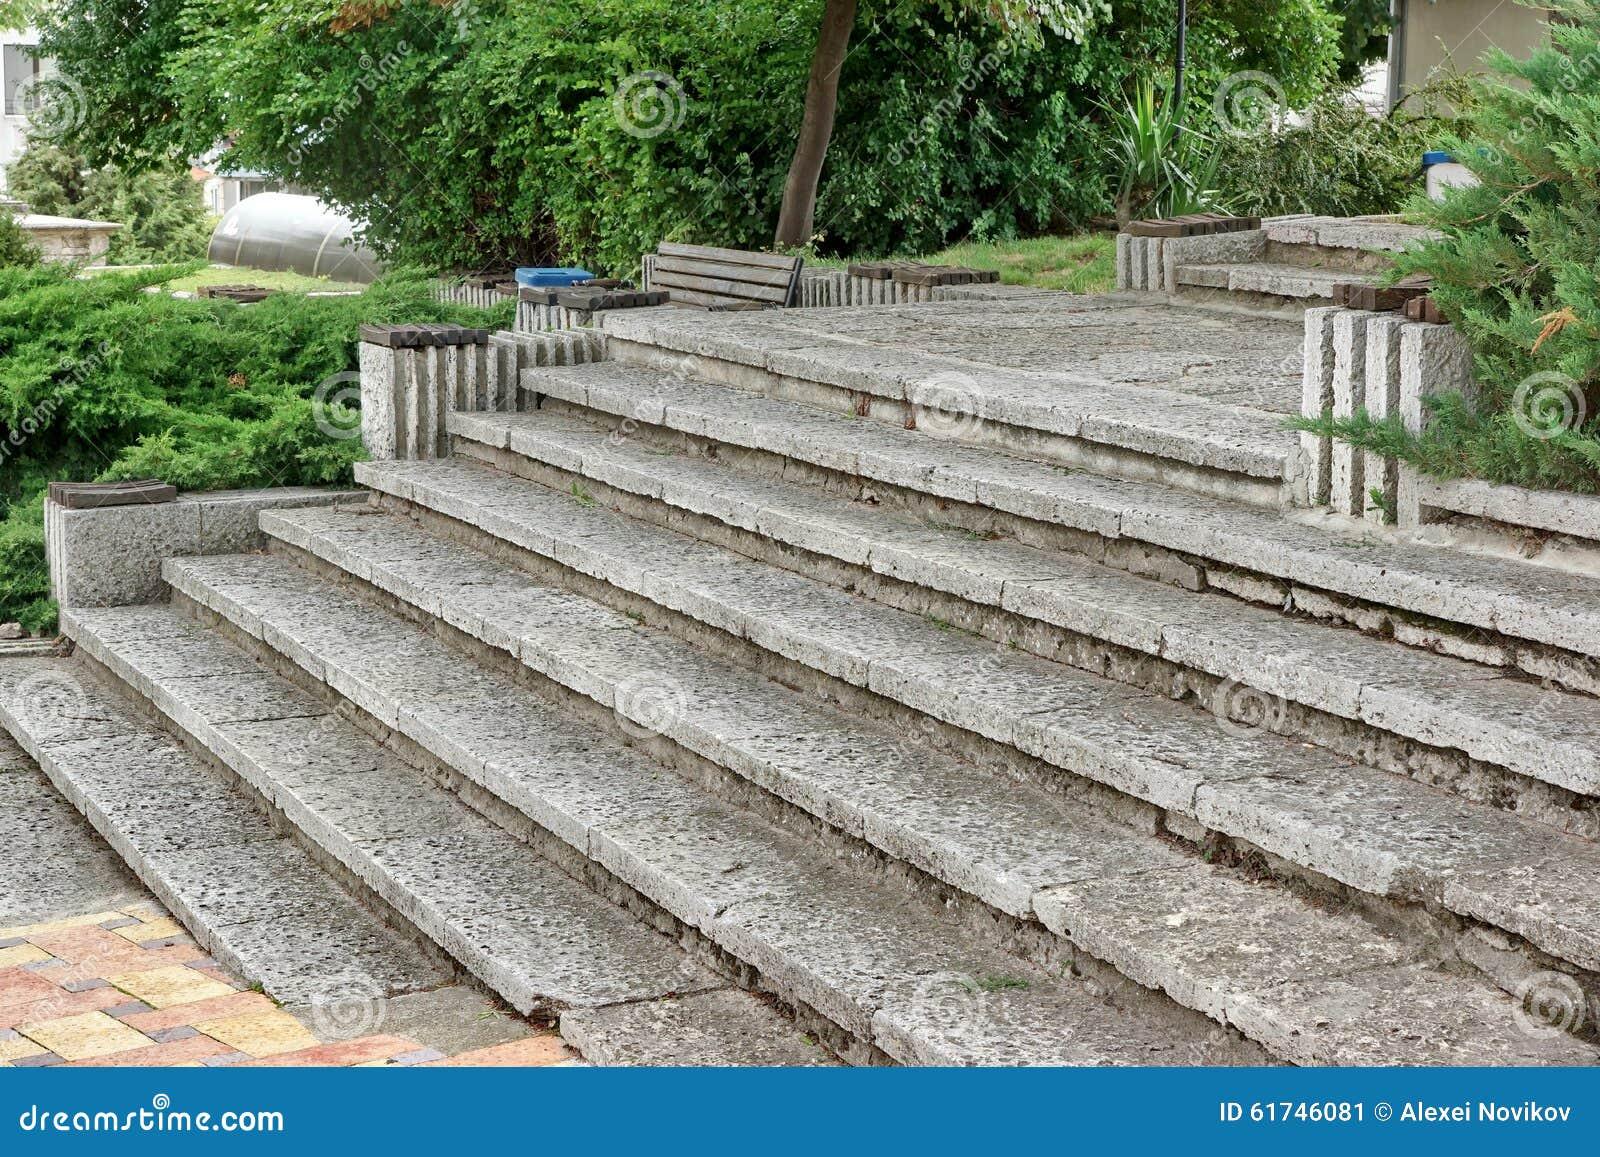 Vieil escalier en pierre ext rieur blanc photo stock for Pierre reconstituee pour escalier exterieur